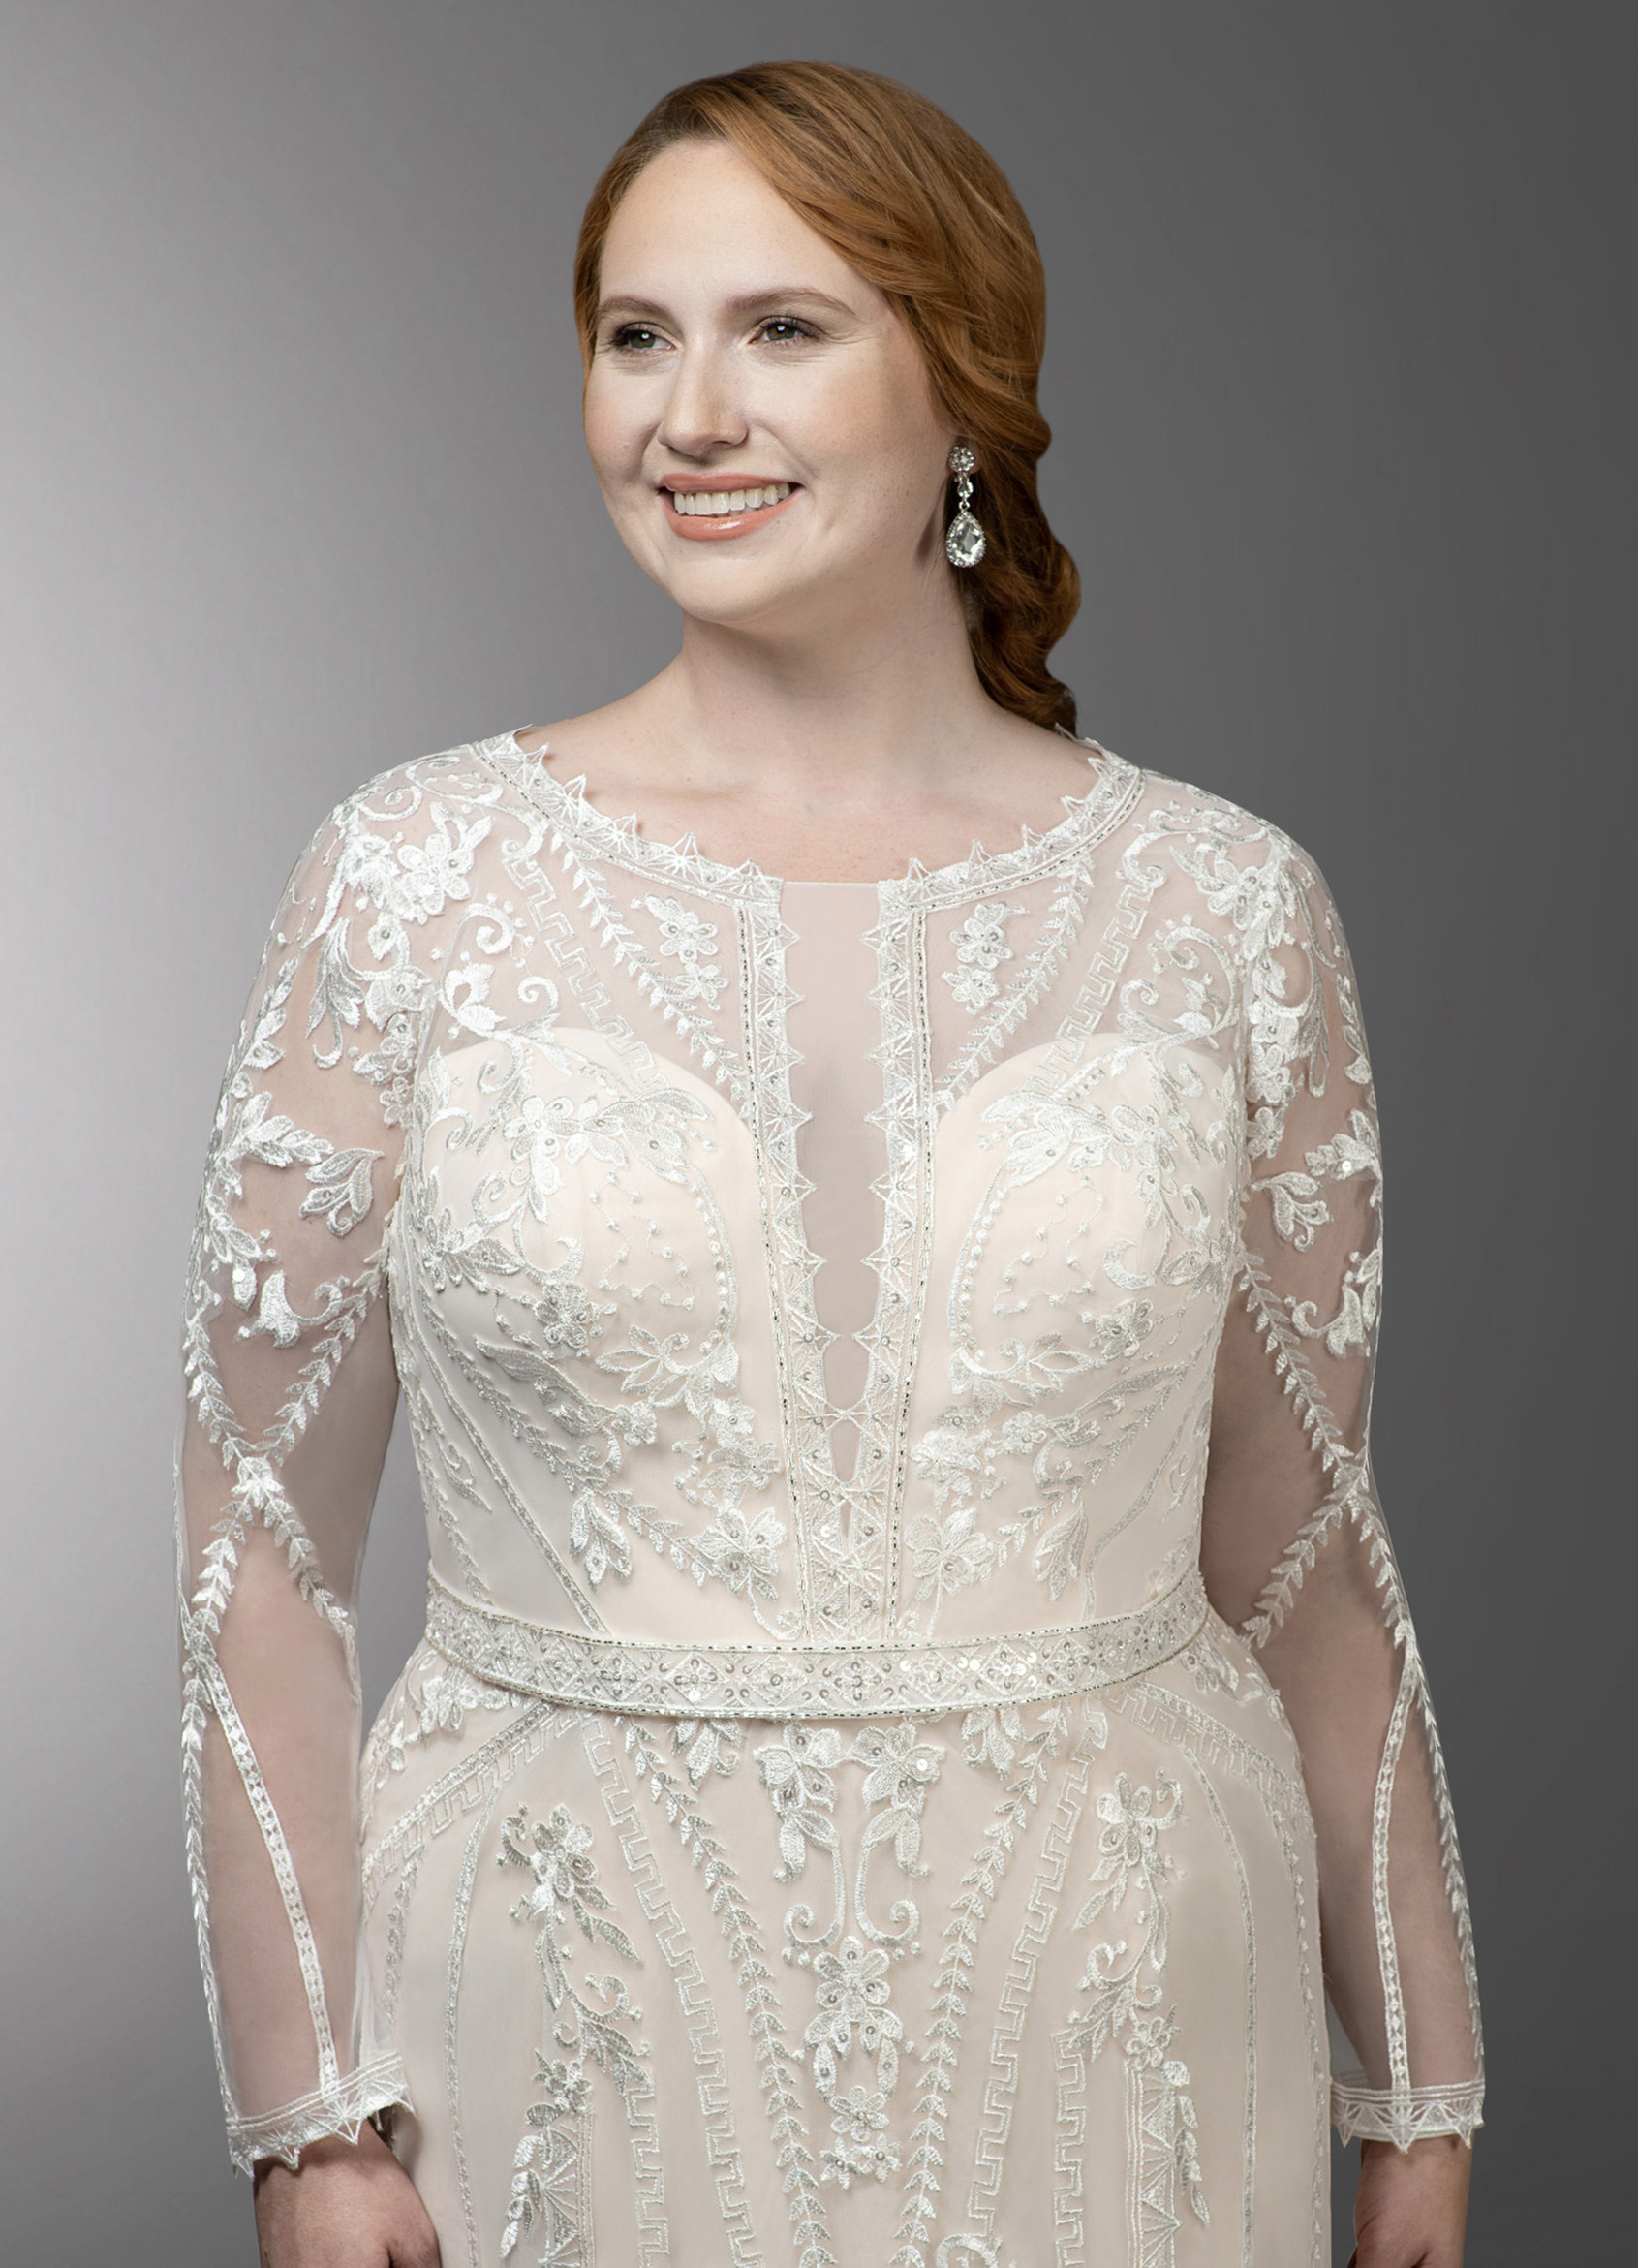 Yoki Bg Sample Dress